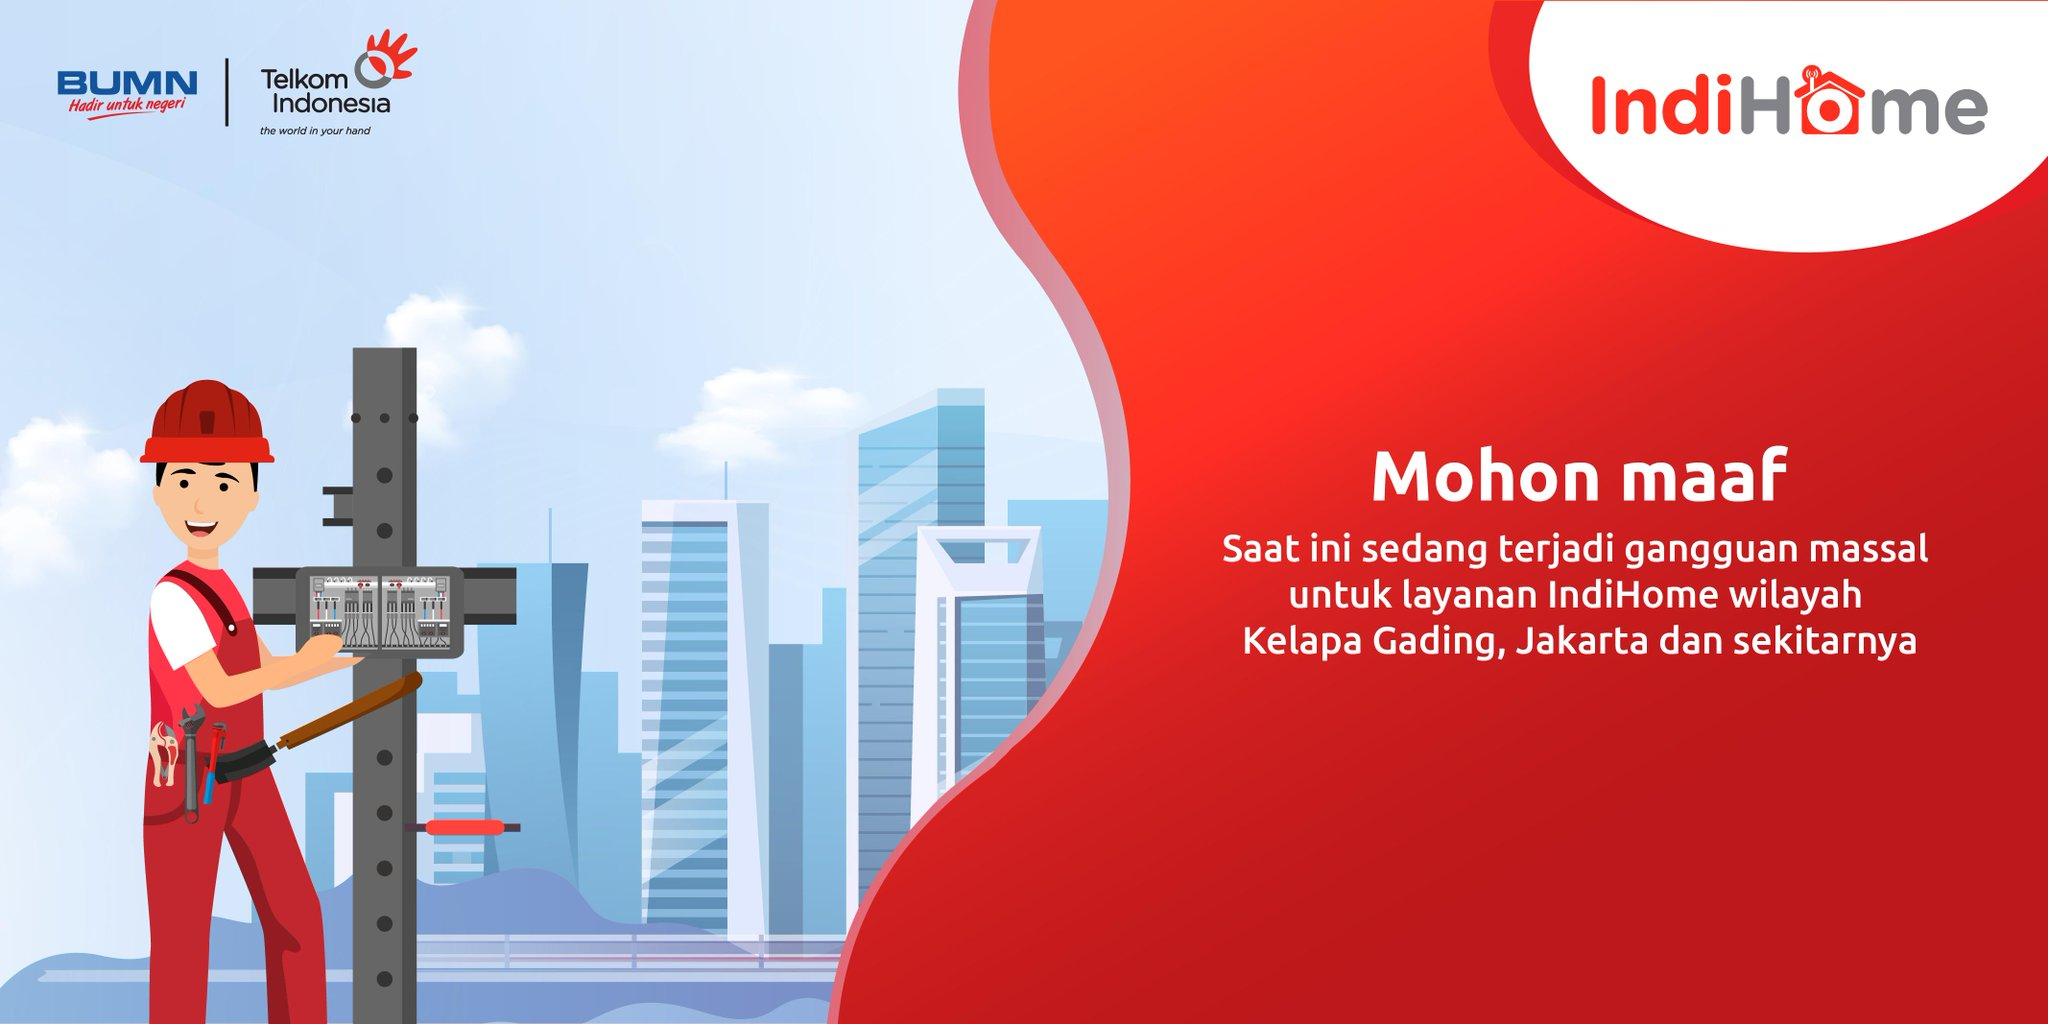 Telkom Care u0432 Twitter Saat Ini Sedang Terjadi Gangguan Massal Layanan Indihome Di Wilayah Kelapa Gading Jakarta Utara Dan Sekitarnya Dampak Dari Terputusnya Kabel Fiber Optik Di Wilayah Semanan Saat Ini